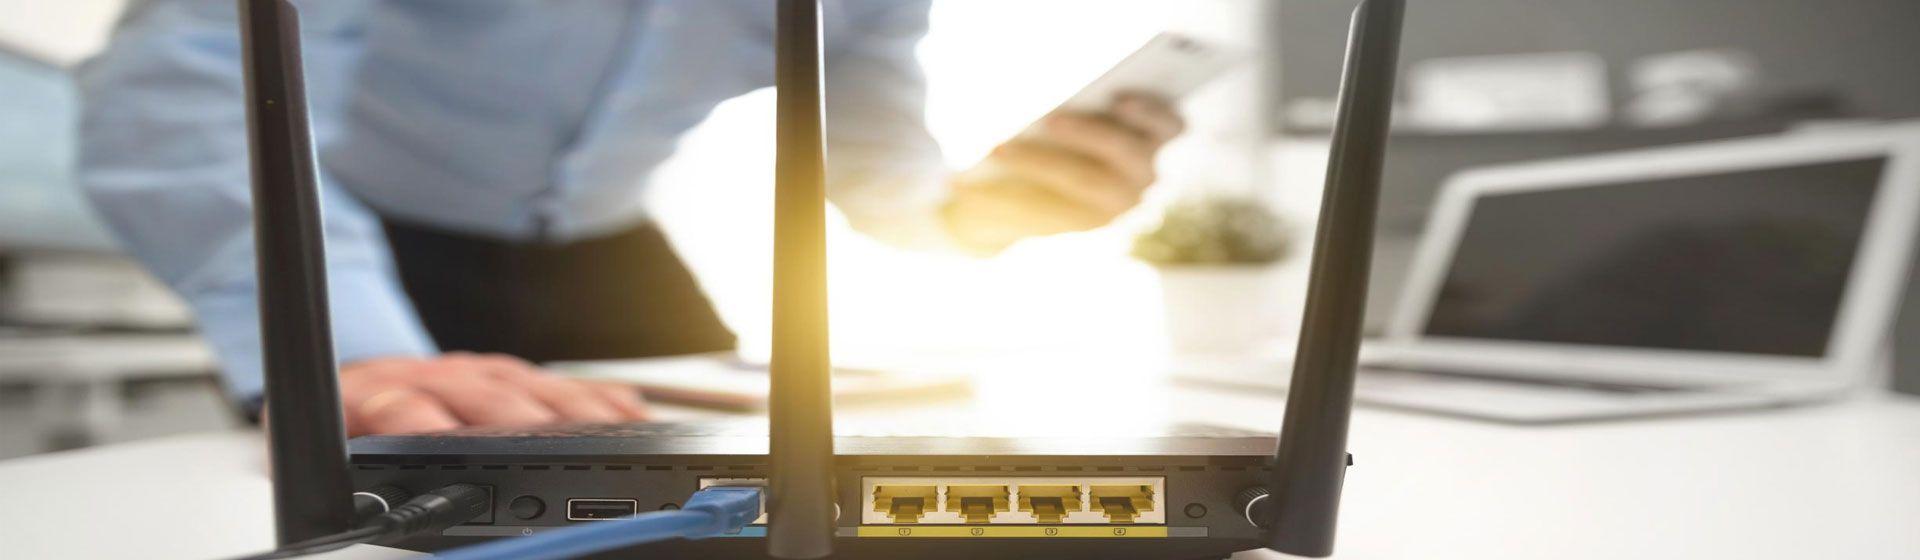 Como descobrir a senha do Wi-Fi pelo PC: passo a passo